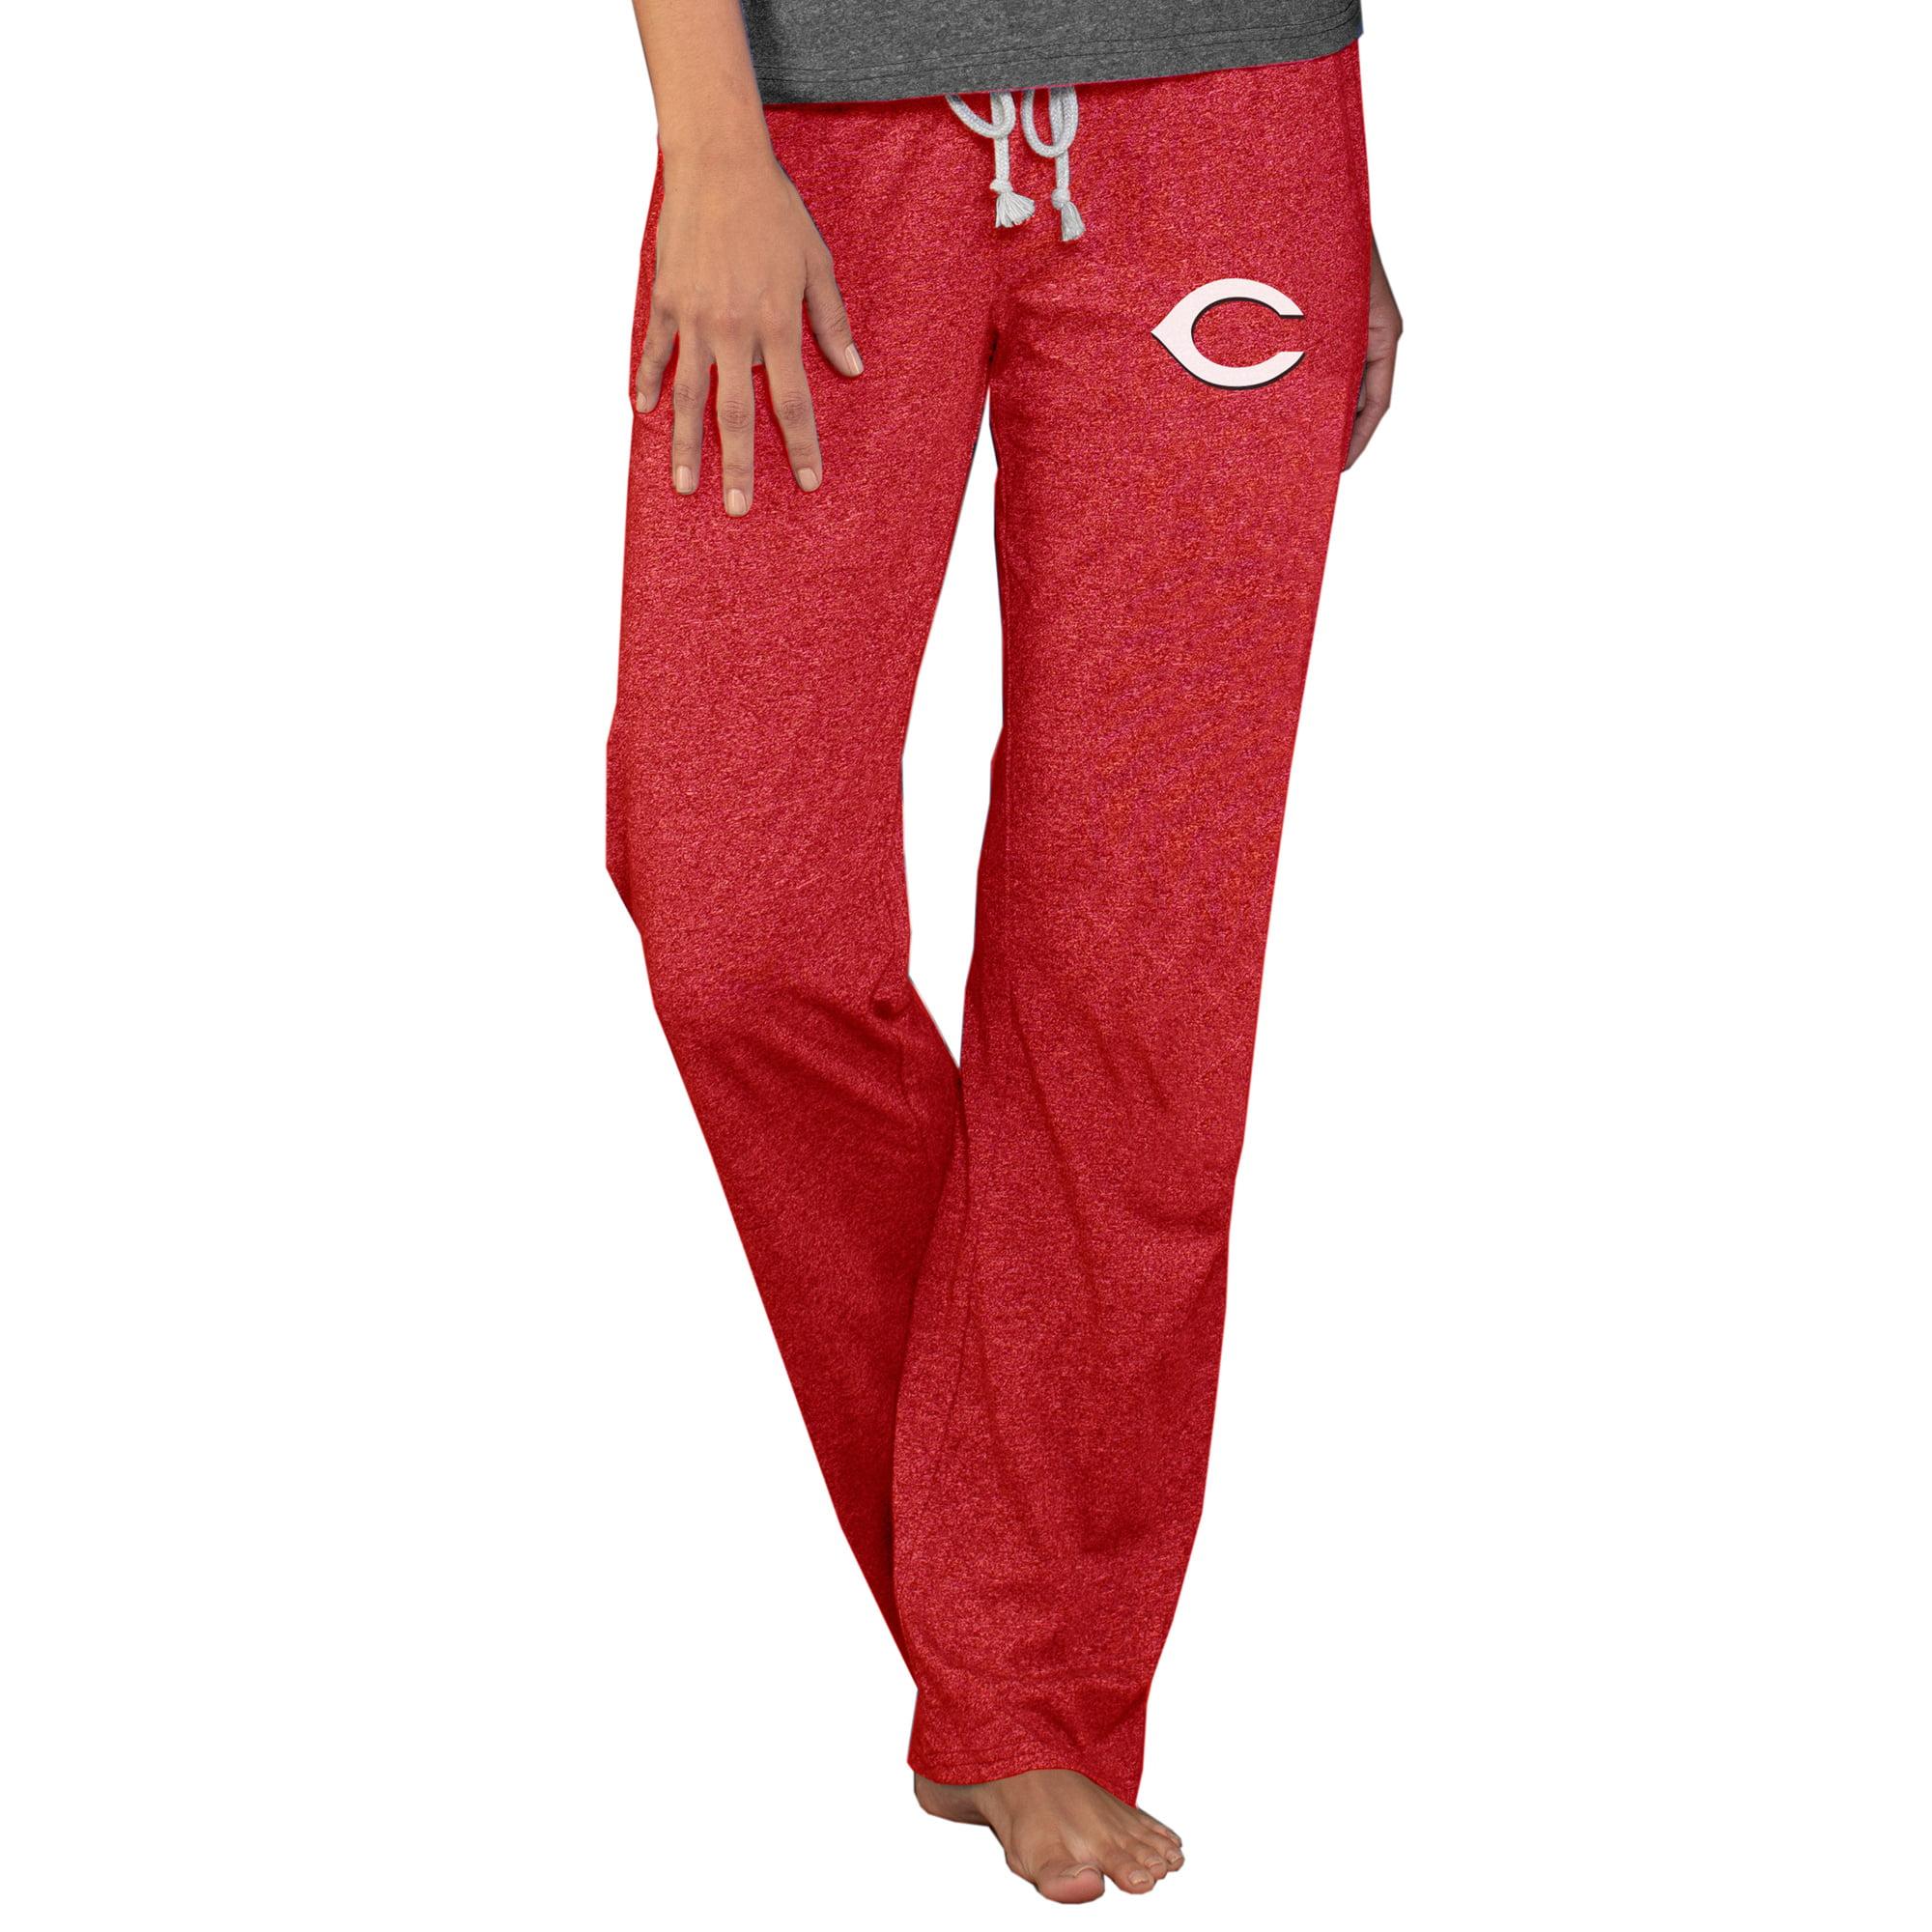 Cincinnati Reds Concepts Sport Women's Quest Knit Pants - Red